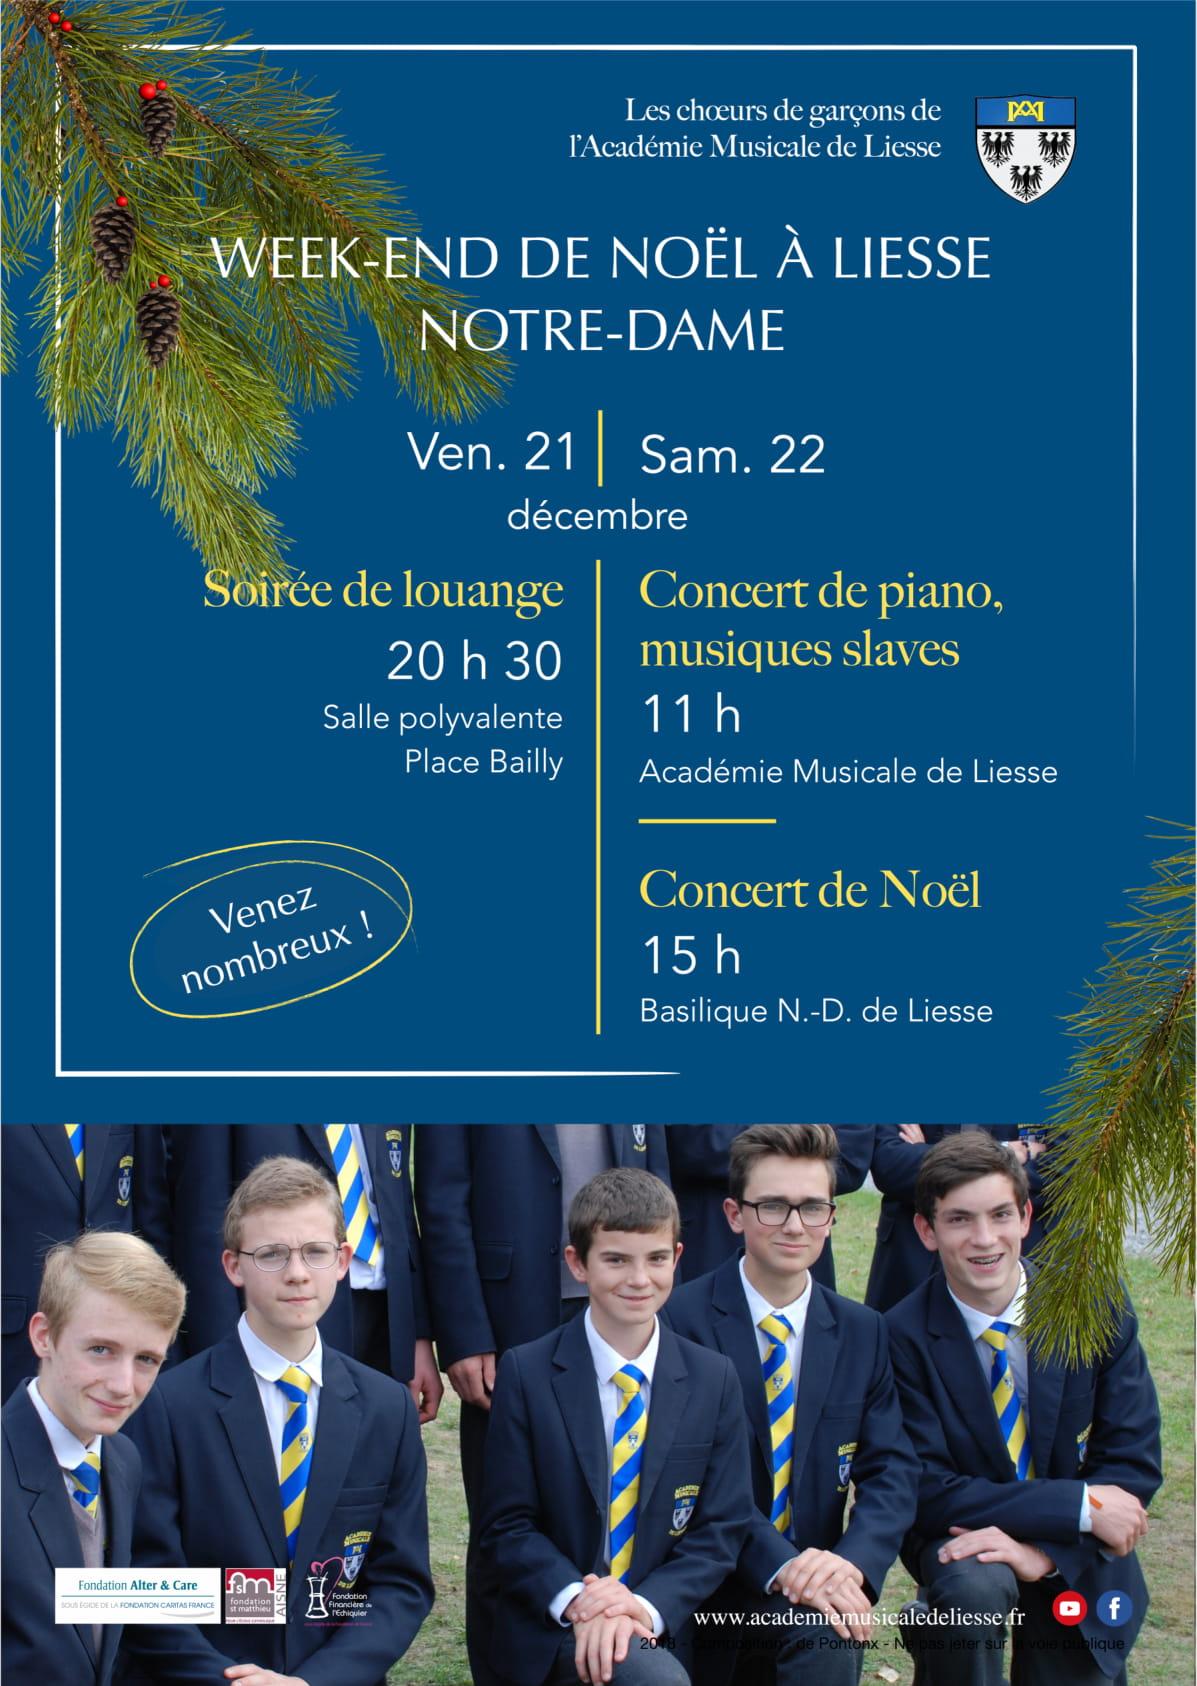 Week-end de Noël les 21 & 22 décembre 2018 à Liesse-Notre-Dame (02) – Académie Musicale de Liesse